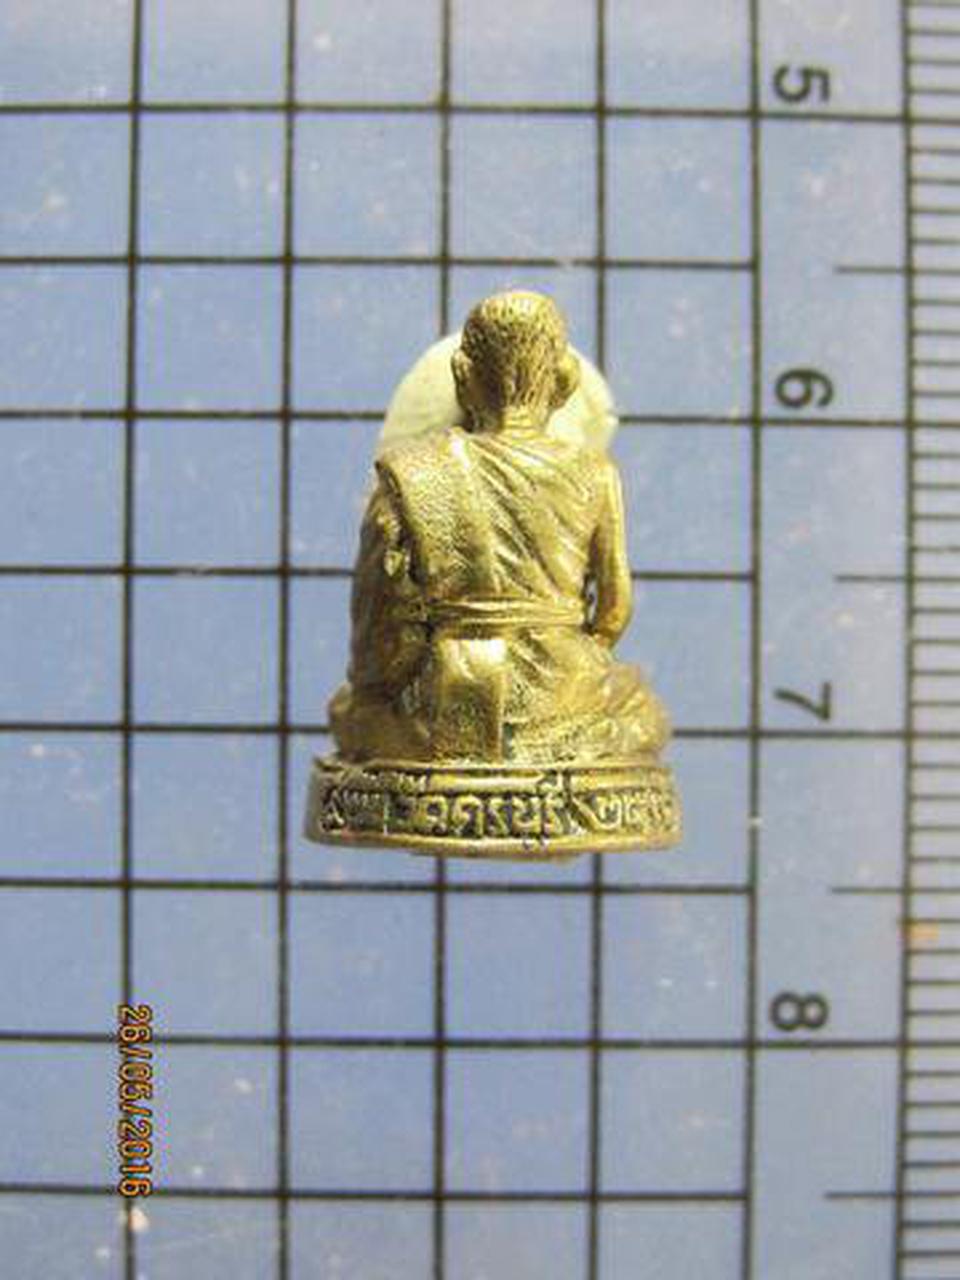 3418 พระรูปหล่อเล็กอุดกริ่งหลวงปู่นิล วัดครบุรี ปี 2536 ที่ร รูปที่ 3